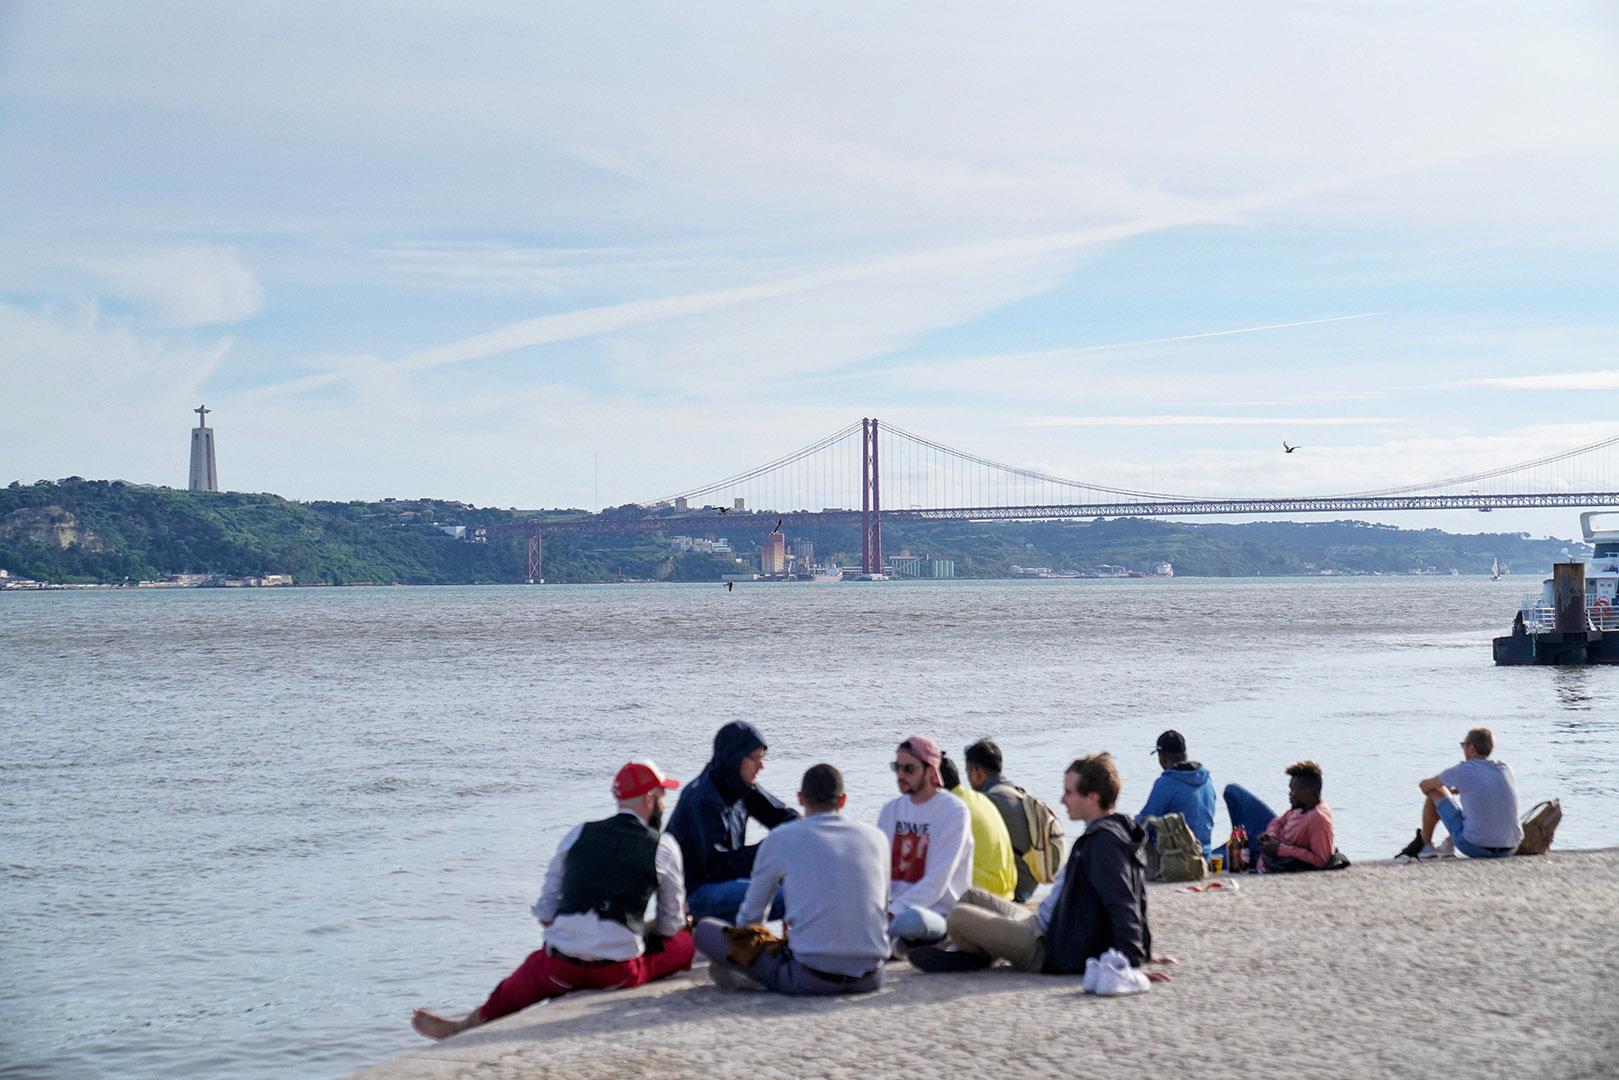 View of  Ponte 25 de Abril